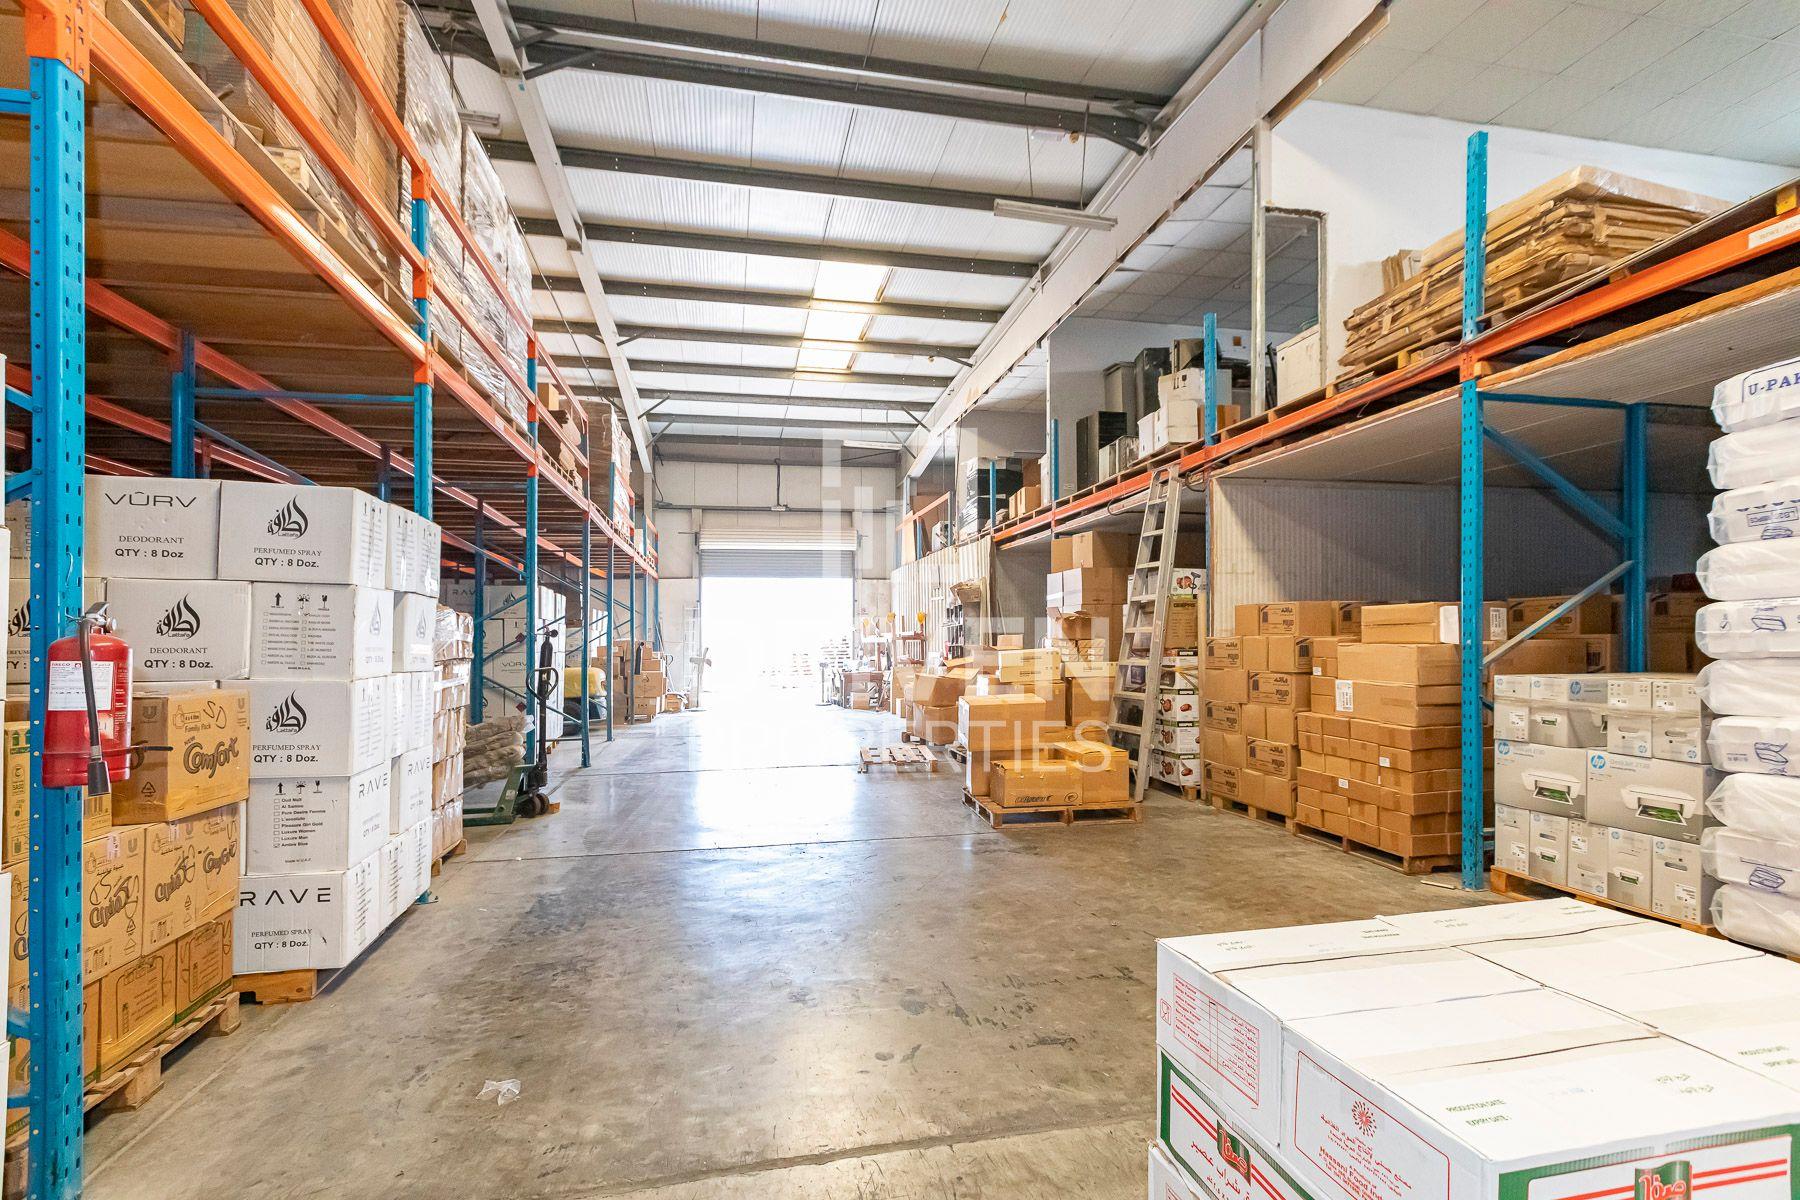 للبيع - مستودع - القوز الصناعية 4 - القوز